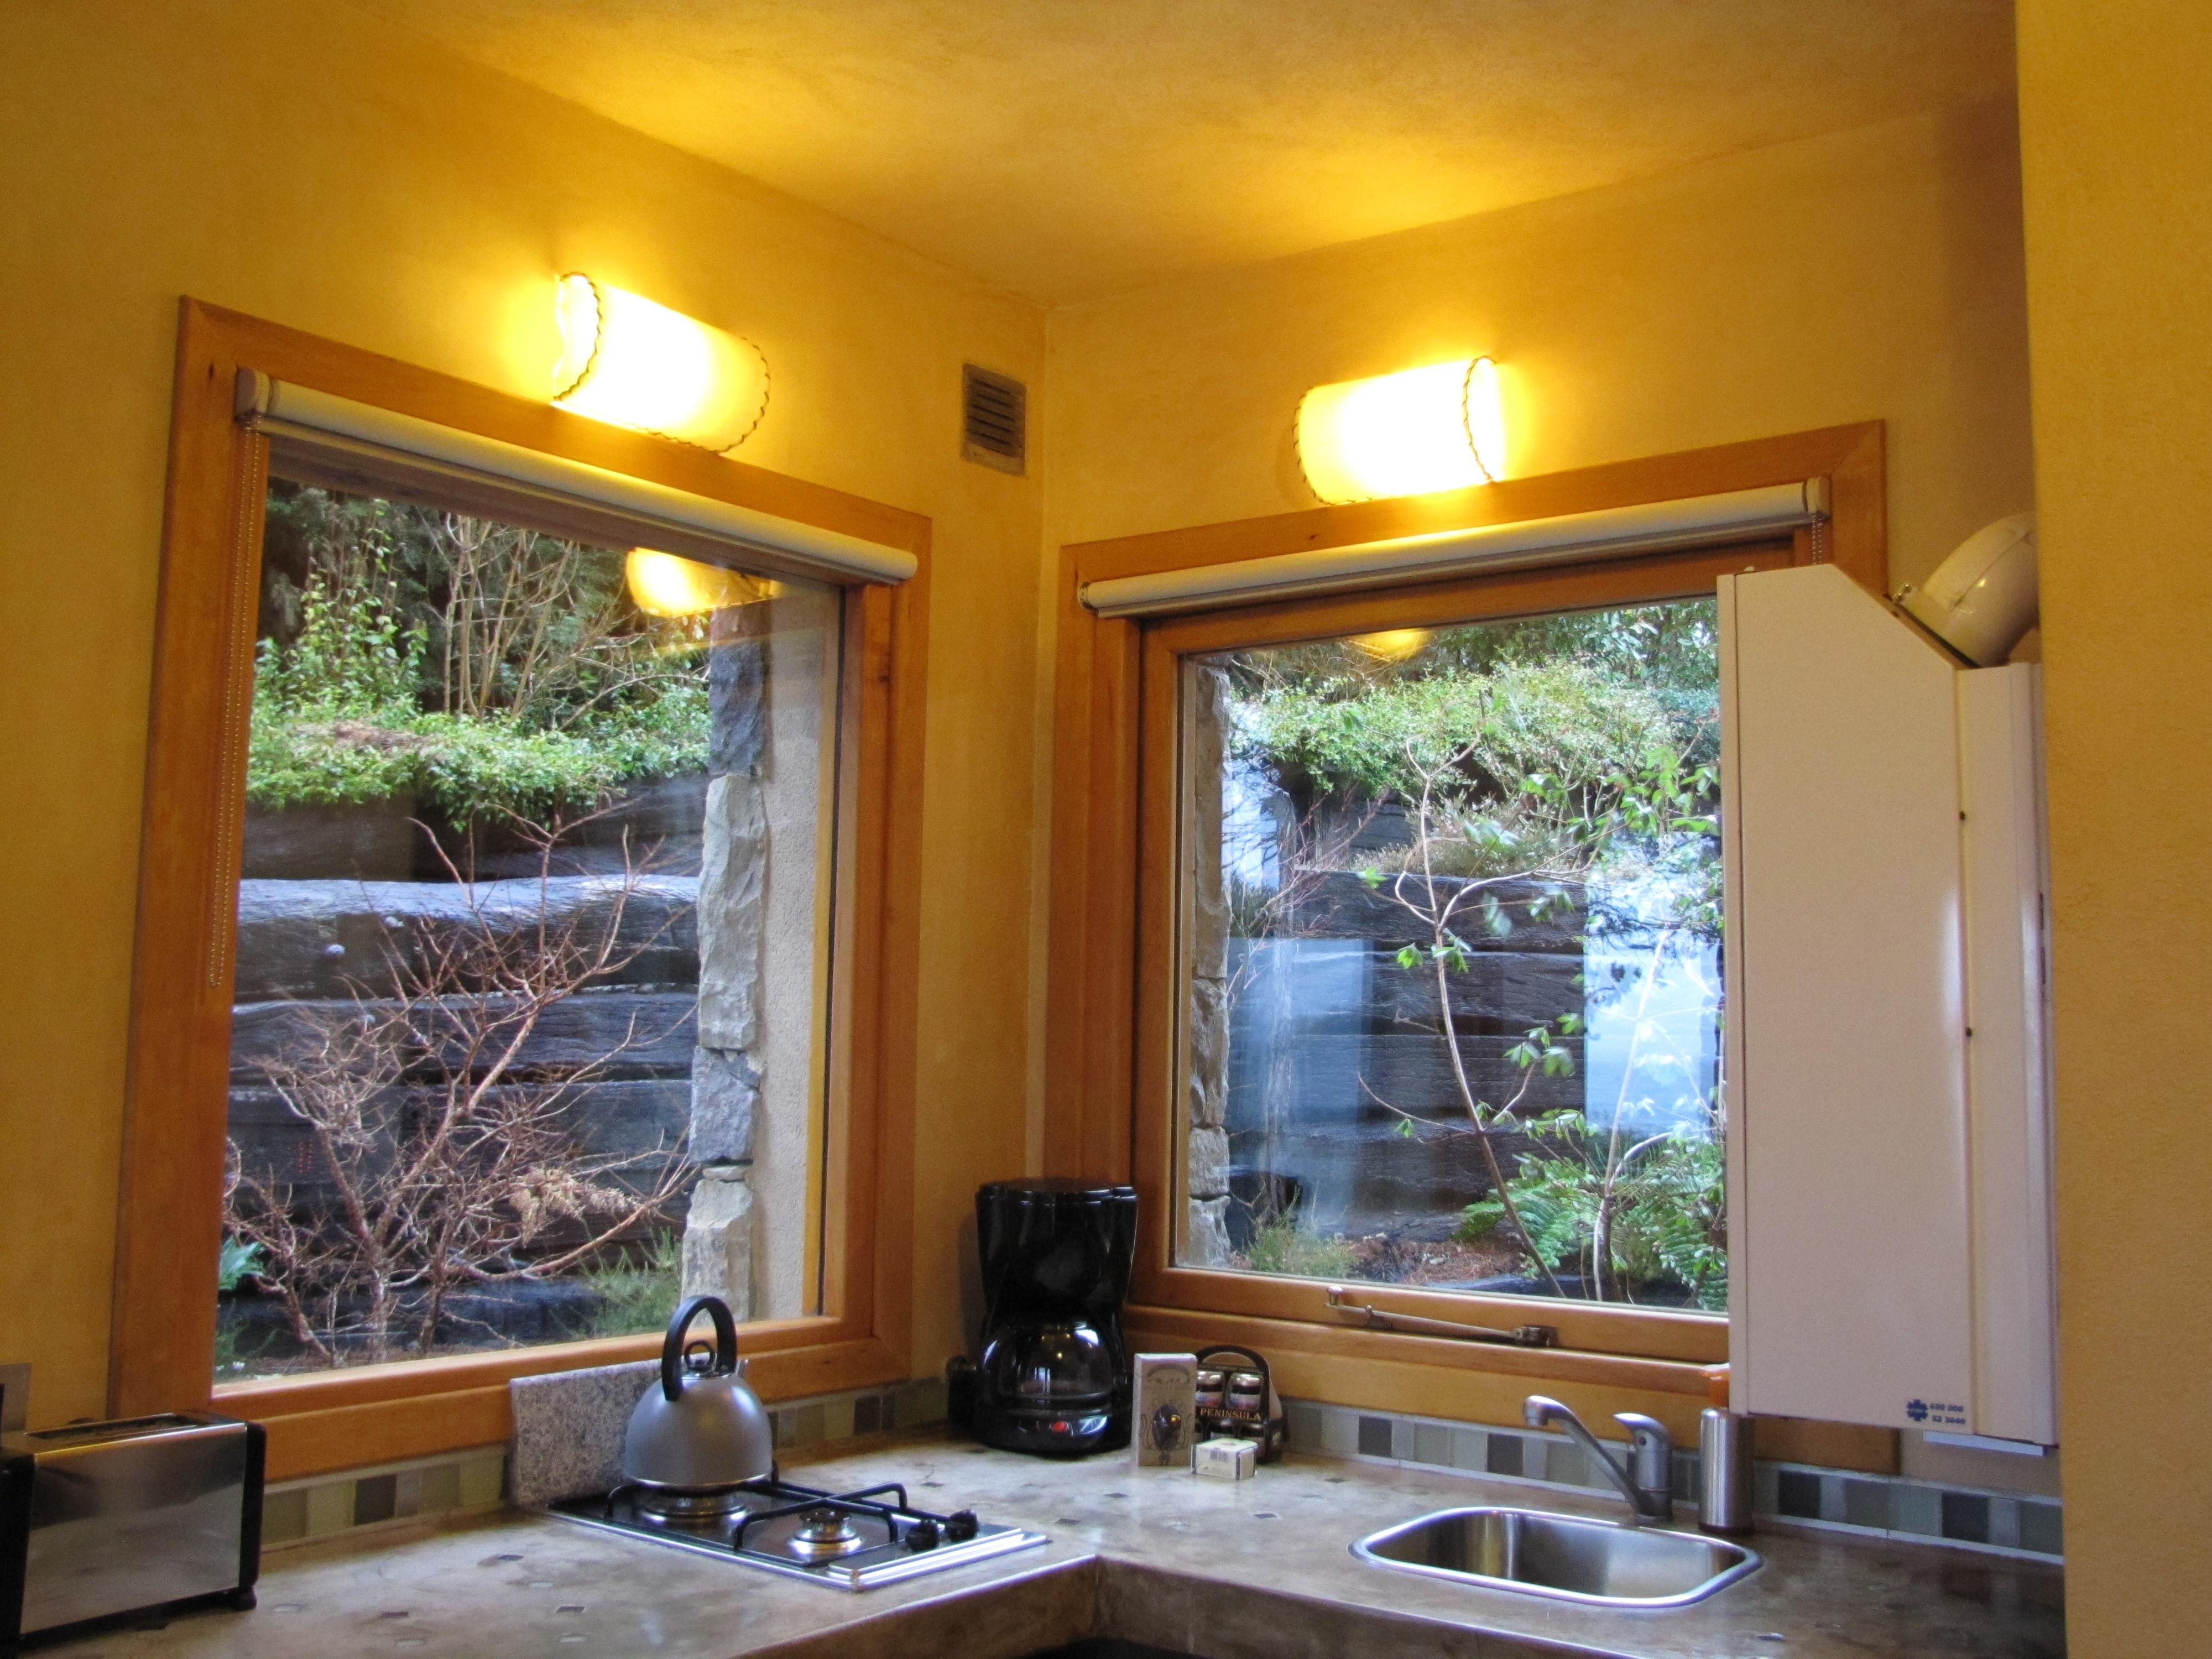 #C29309  manhã lá saltei da cama ansiosa e abri a janela para ver amanhecer 474 Janelas Duplas Madeira